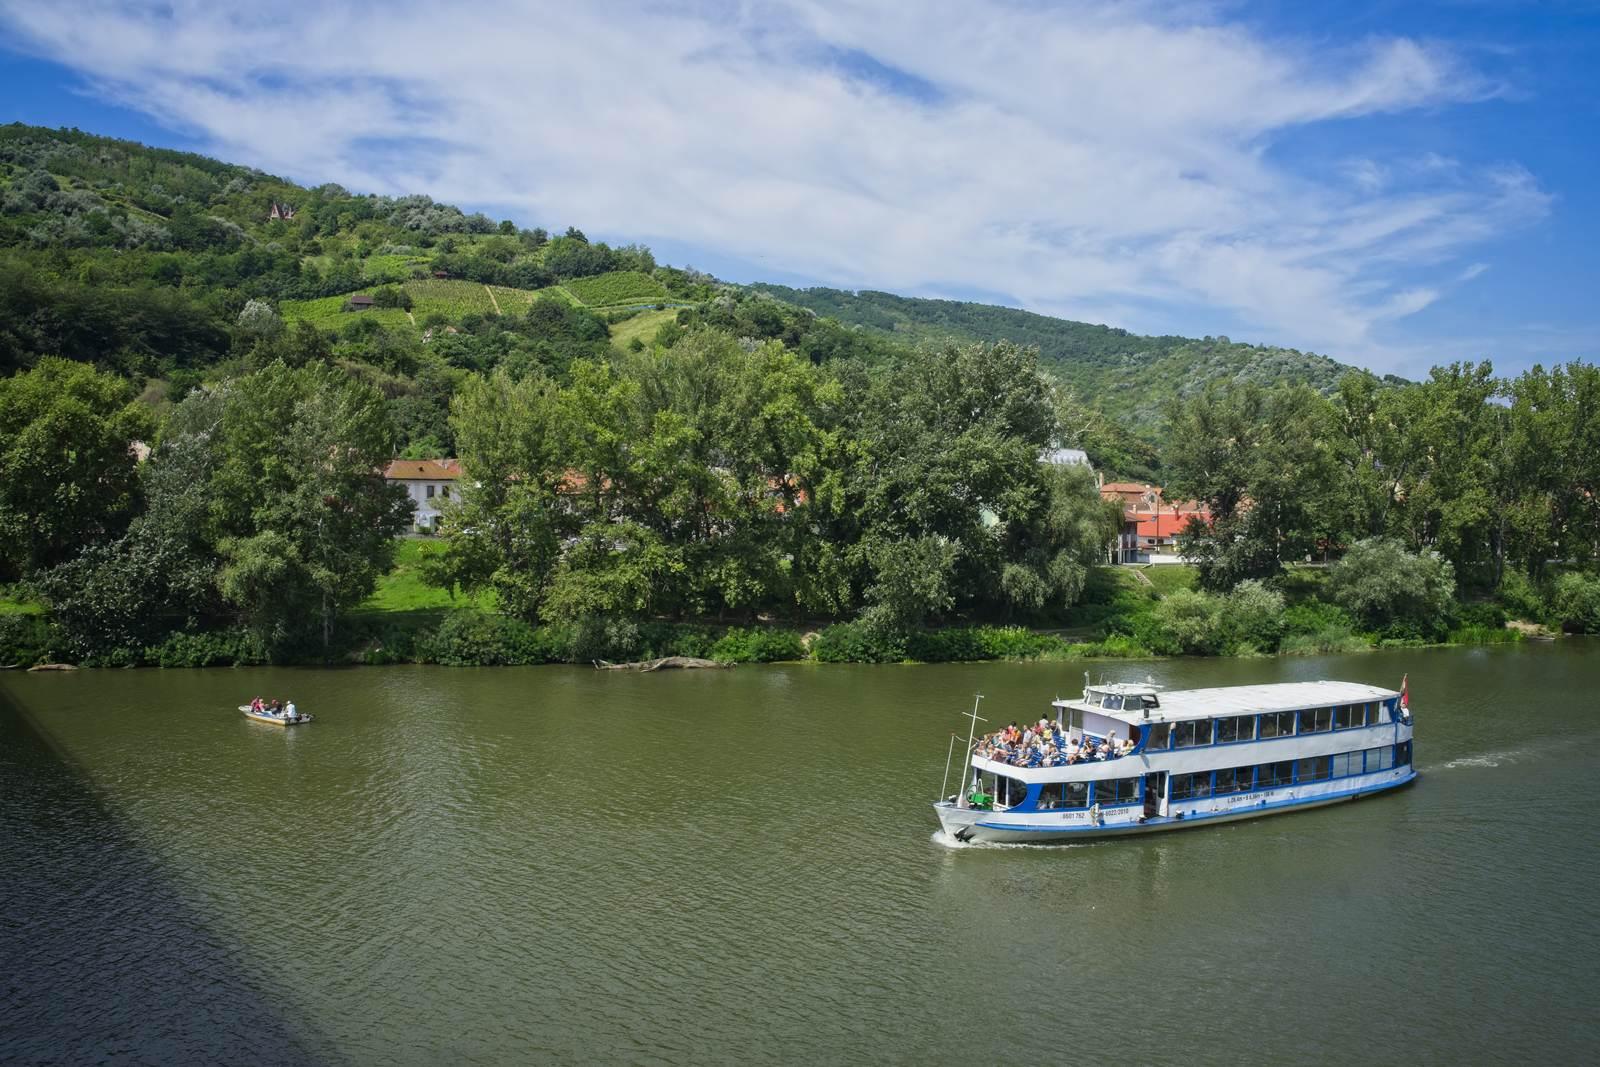 tokaj rzeka tisza prom na rzece atrakcje turystyczne tokaj węgry